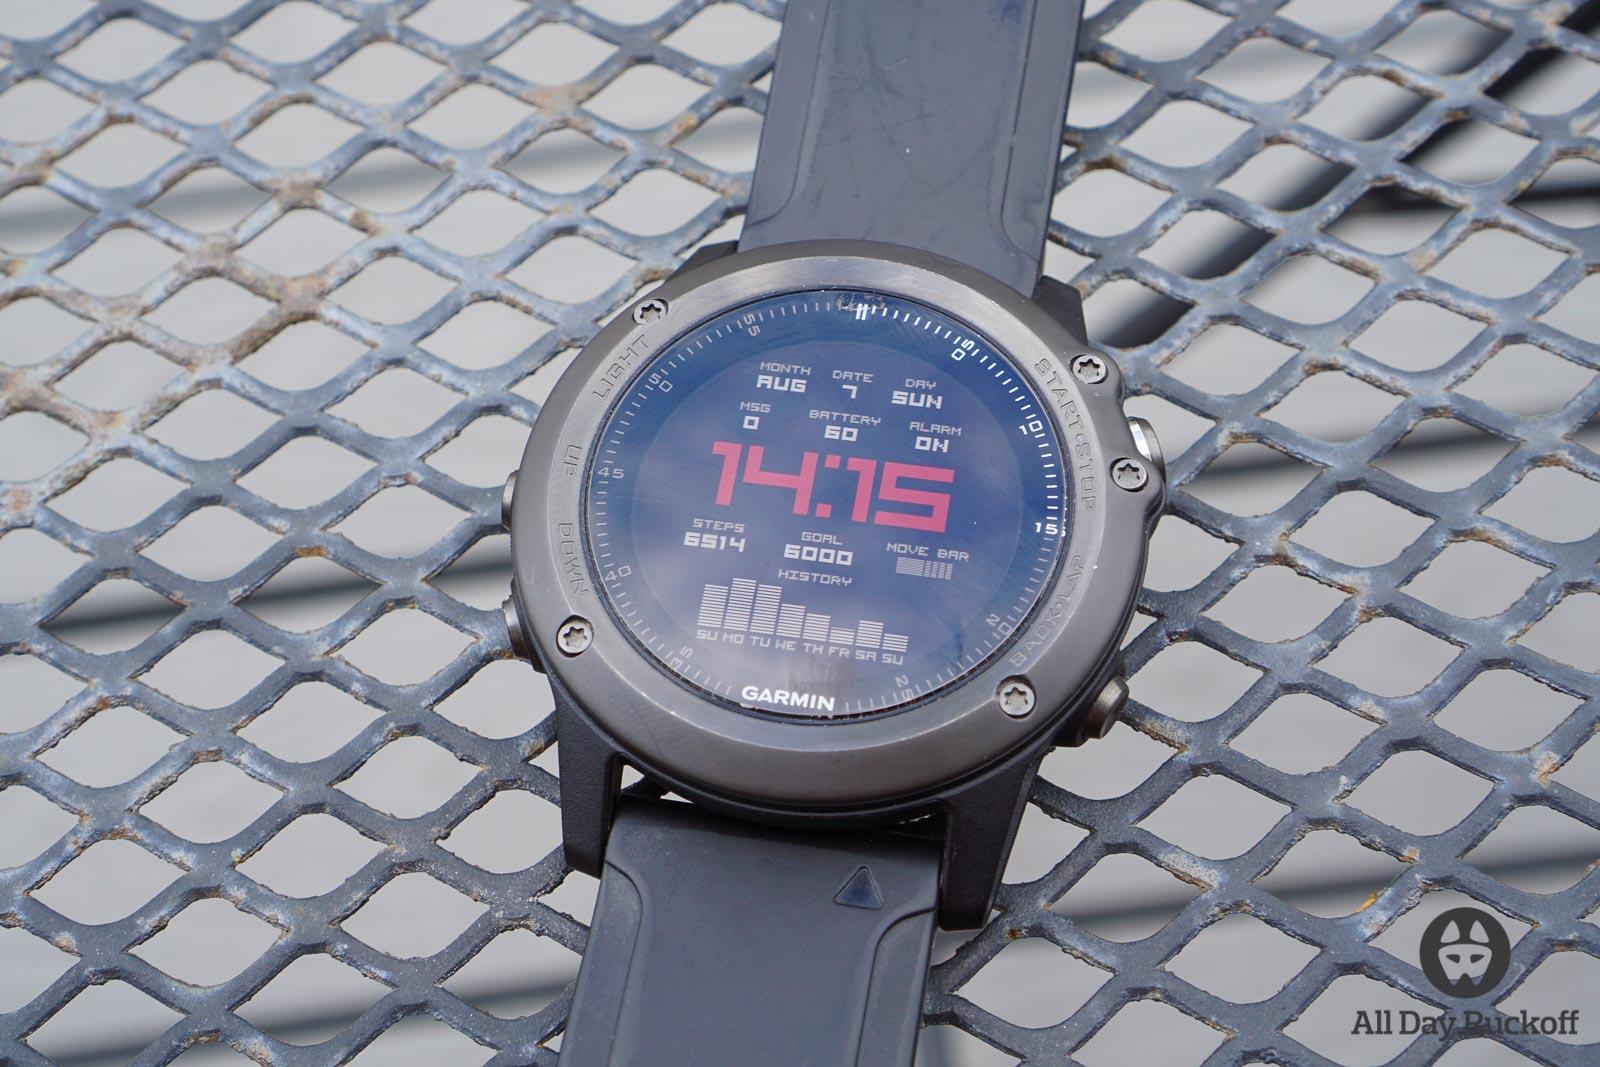 Garmin Fenix 3 HR - Digic Watch